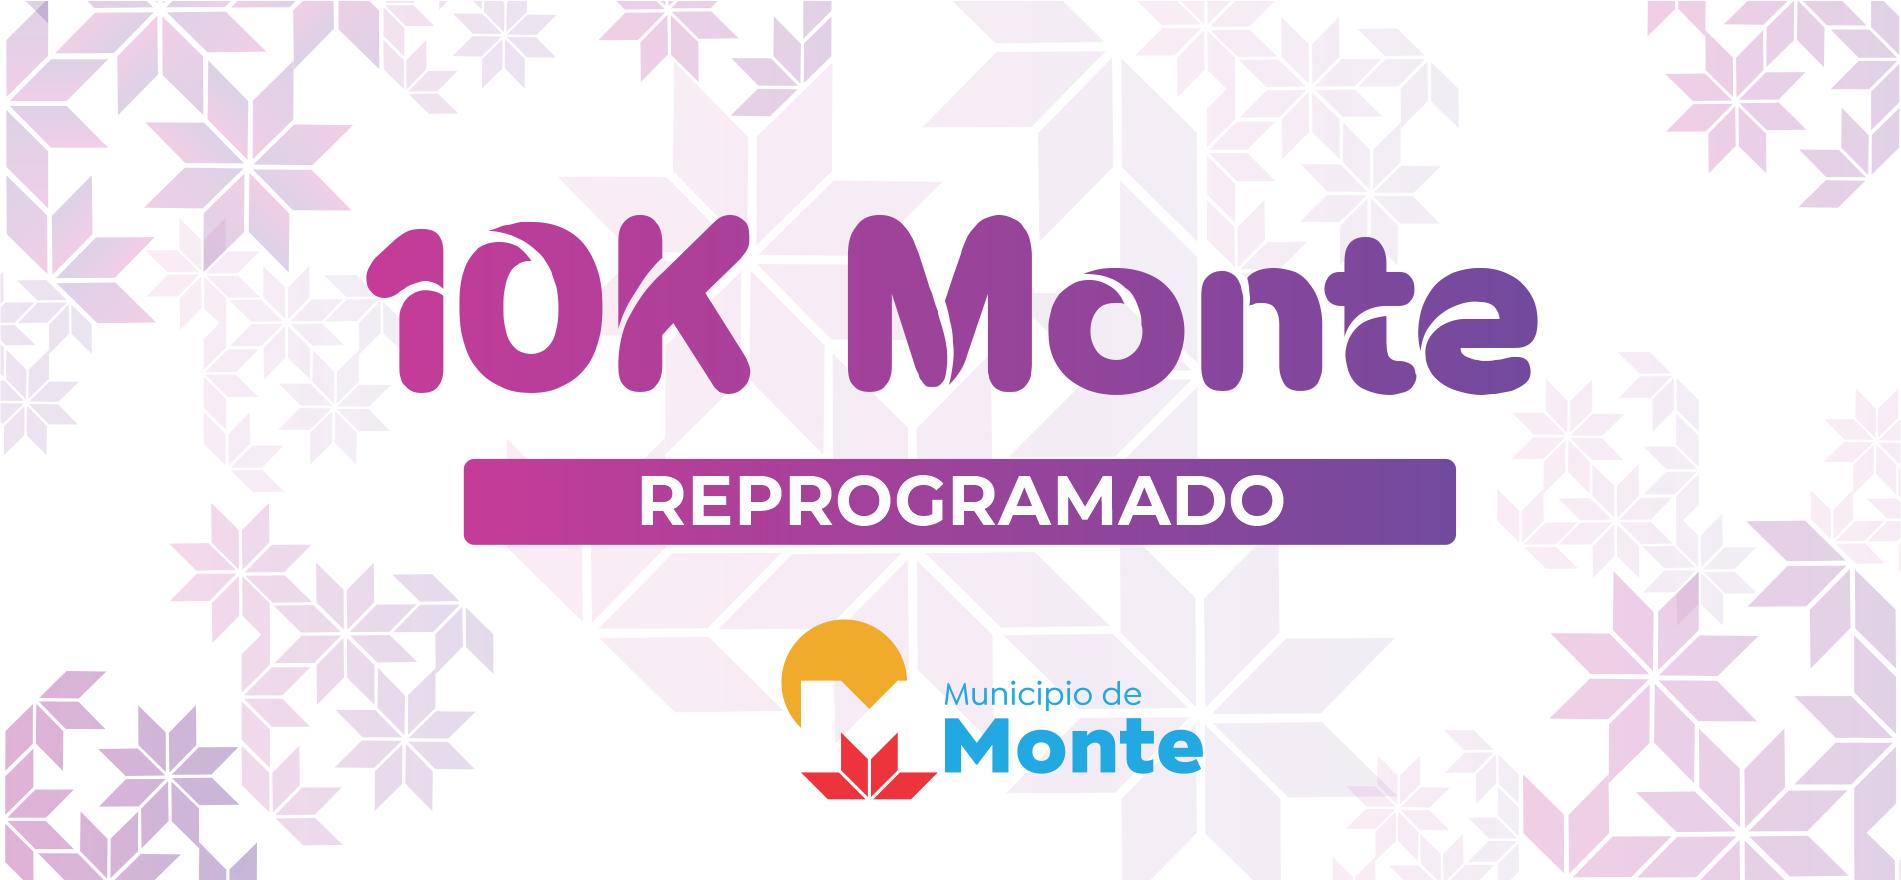 10K Monte: Reprogramado